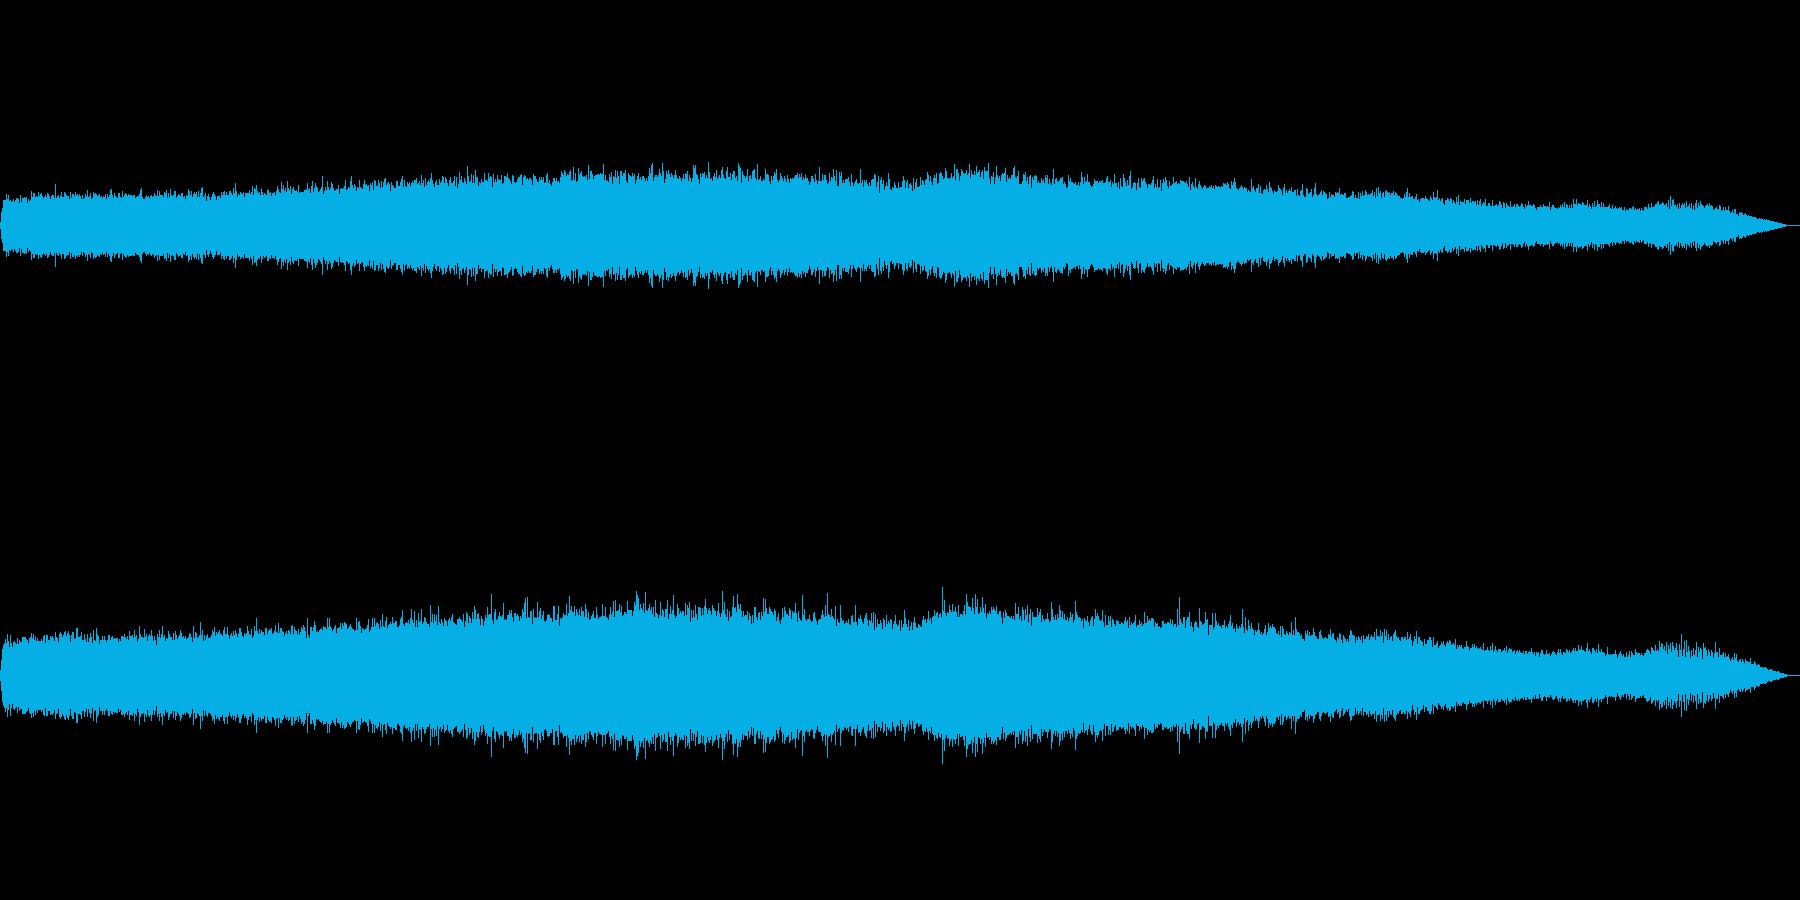 夏の夕方(ひぐらし、アブラゼミ)の再生済みの波形